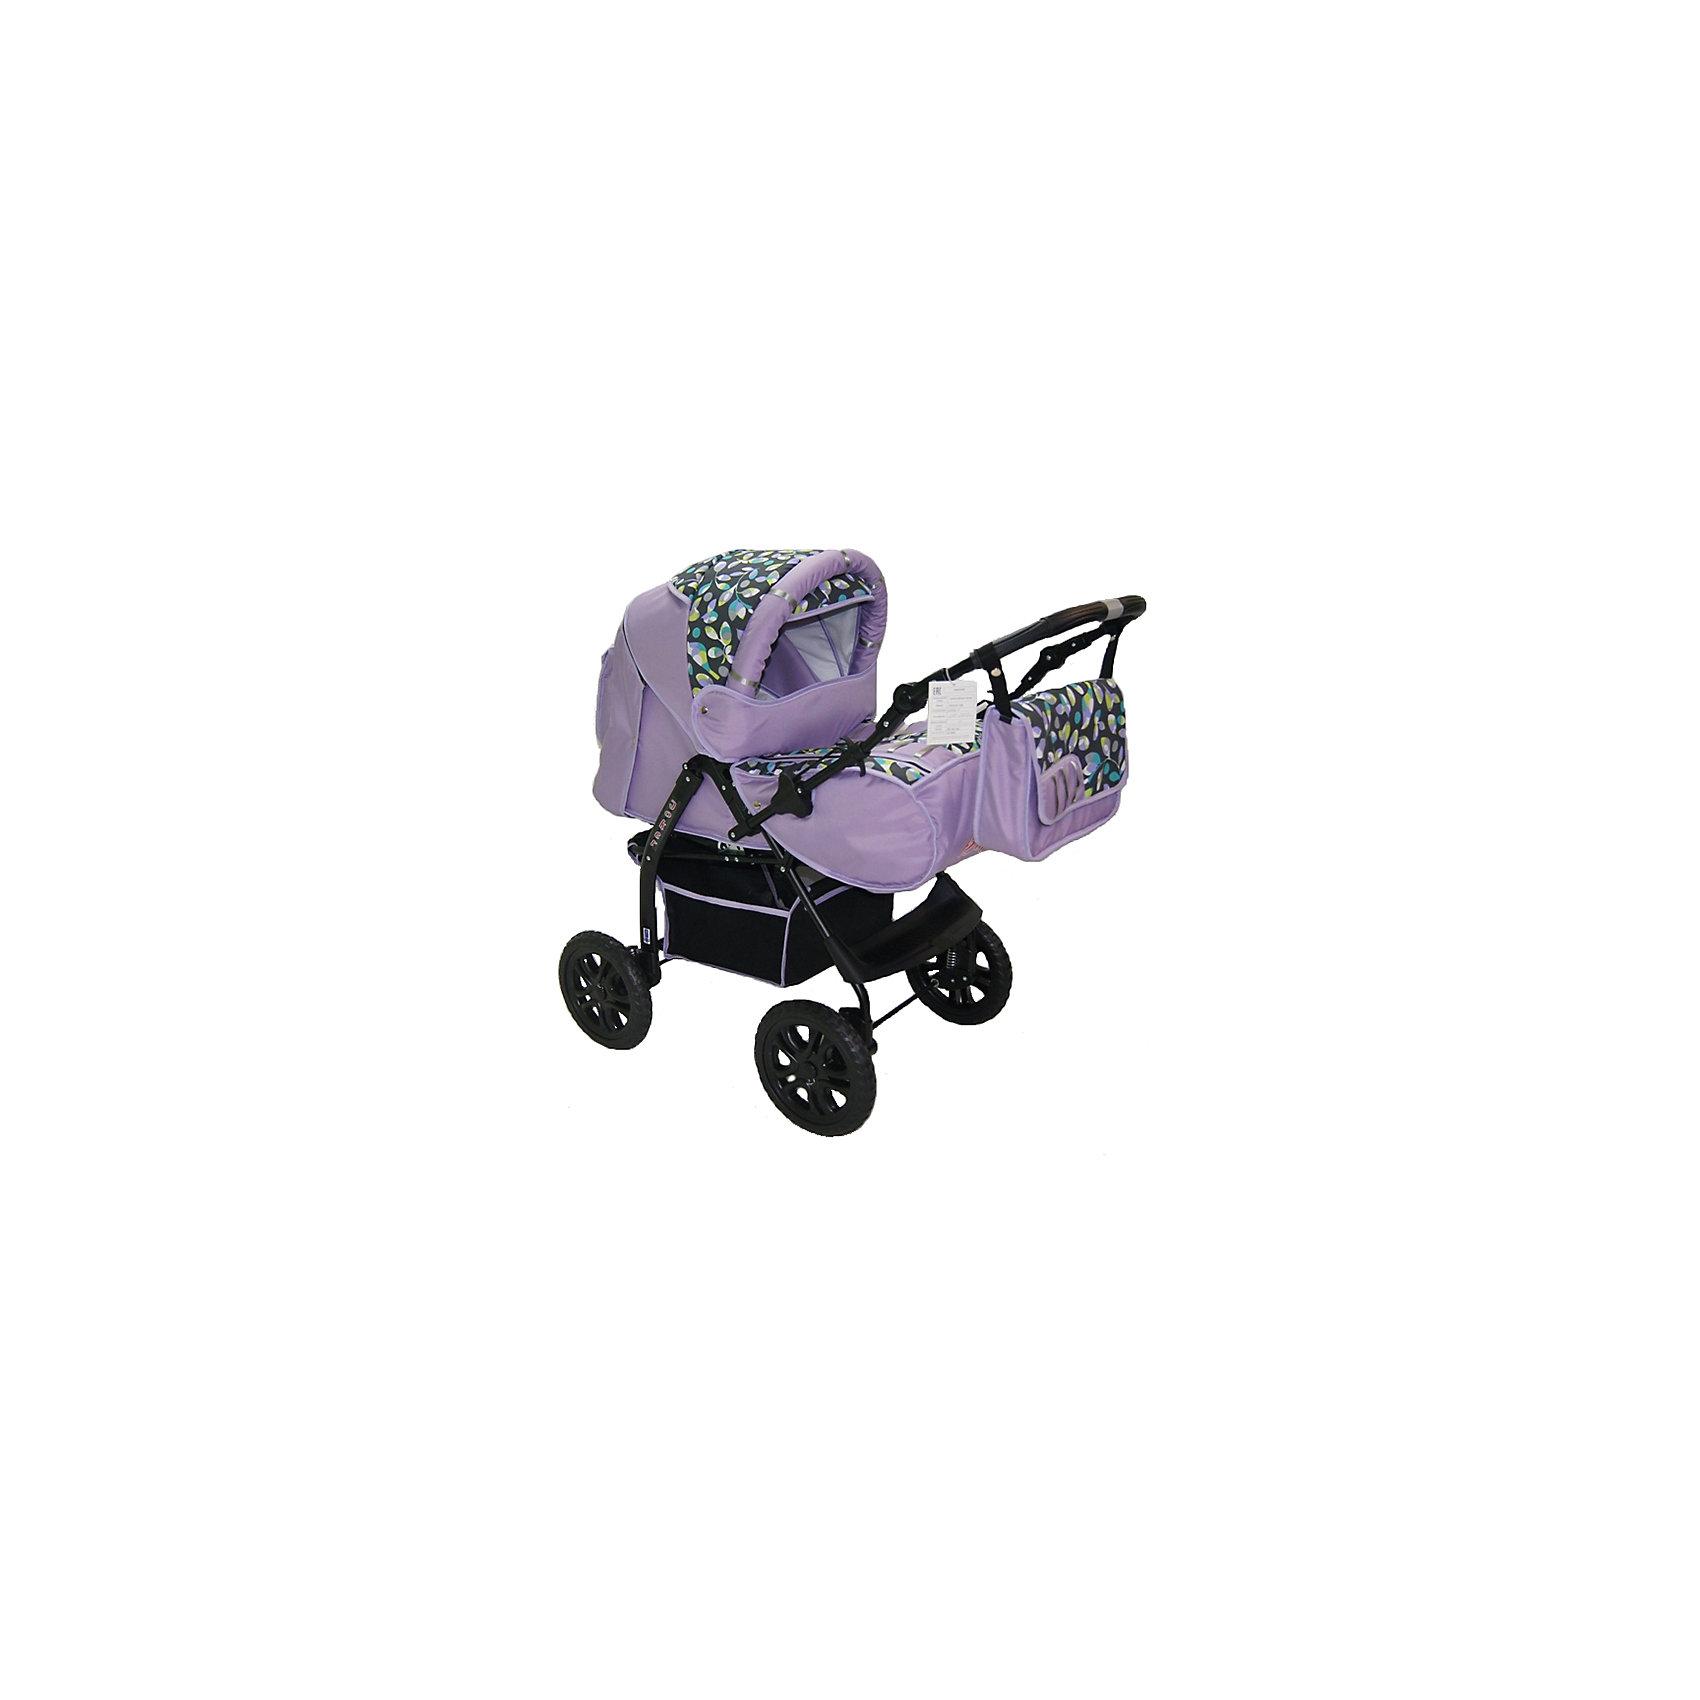 Коляска-трансформер KACPER JOKER ЛИСТИКИ, лиловый/сириневыйКоляски-трансформеры<br>KACPER Коляска JOKER ЛИСТИКИ лиловый-сирень (рег. ручка, колёса иммит,сумка,дожд,москит)<br><br>Ширина мм: 350<br>Глубина мм: 950<br>Высота мм: 620<br>Вес г: 15000<br>Возраст от месяцев: -2147483648<br>Возраст до месяцев: 2147483647<br>Пол: Унисекс<br>Возраст: Детский<br>SKU: 5500205